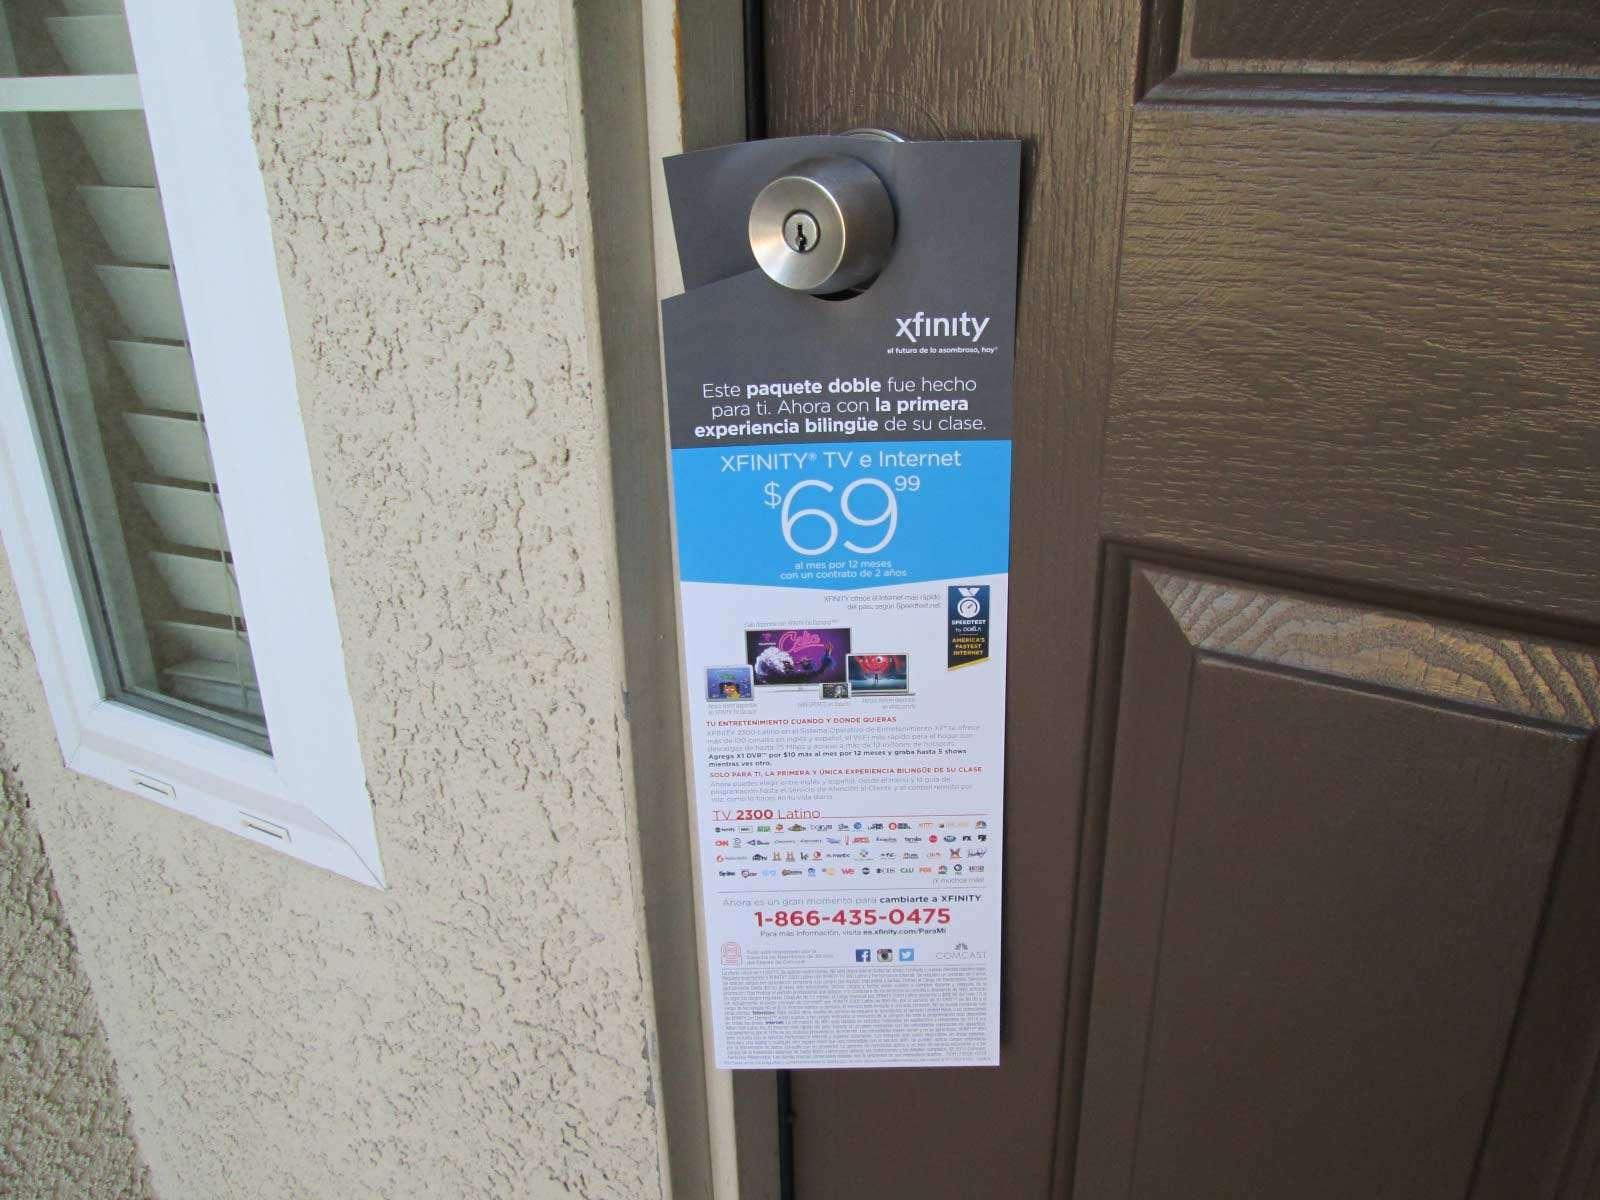 Xfinity door hanger in Spanish